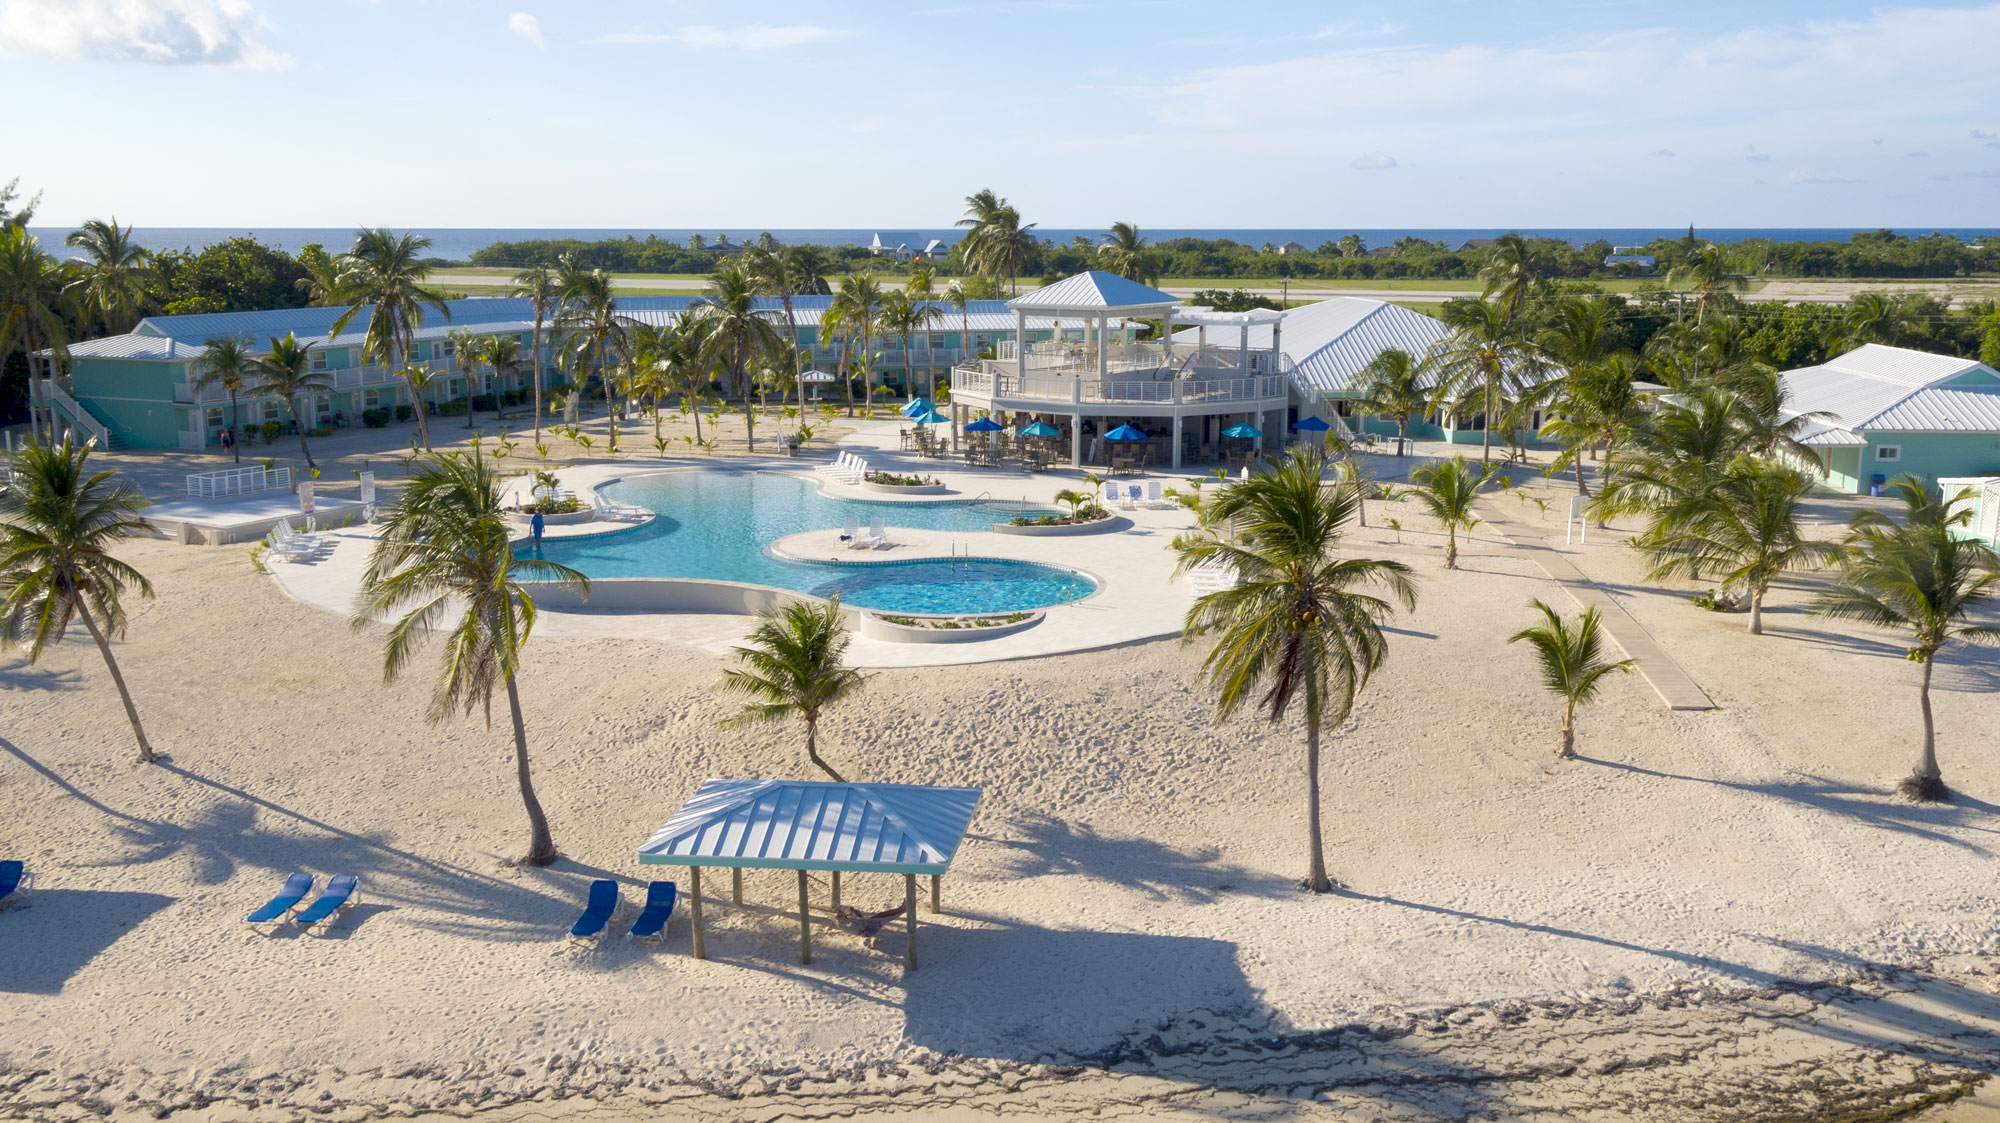 Cayman Brac Beach Resort